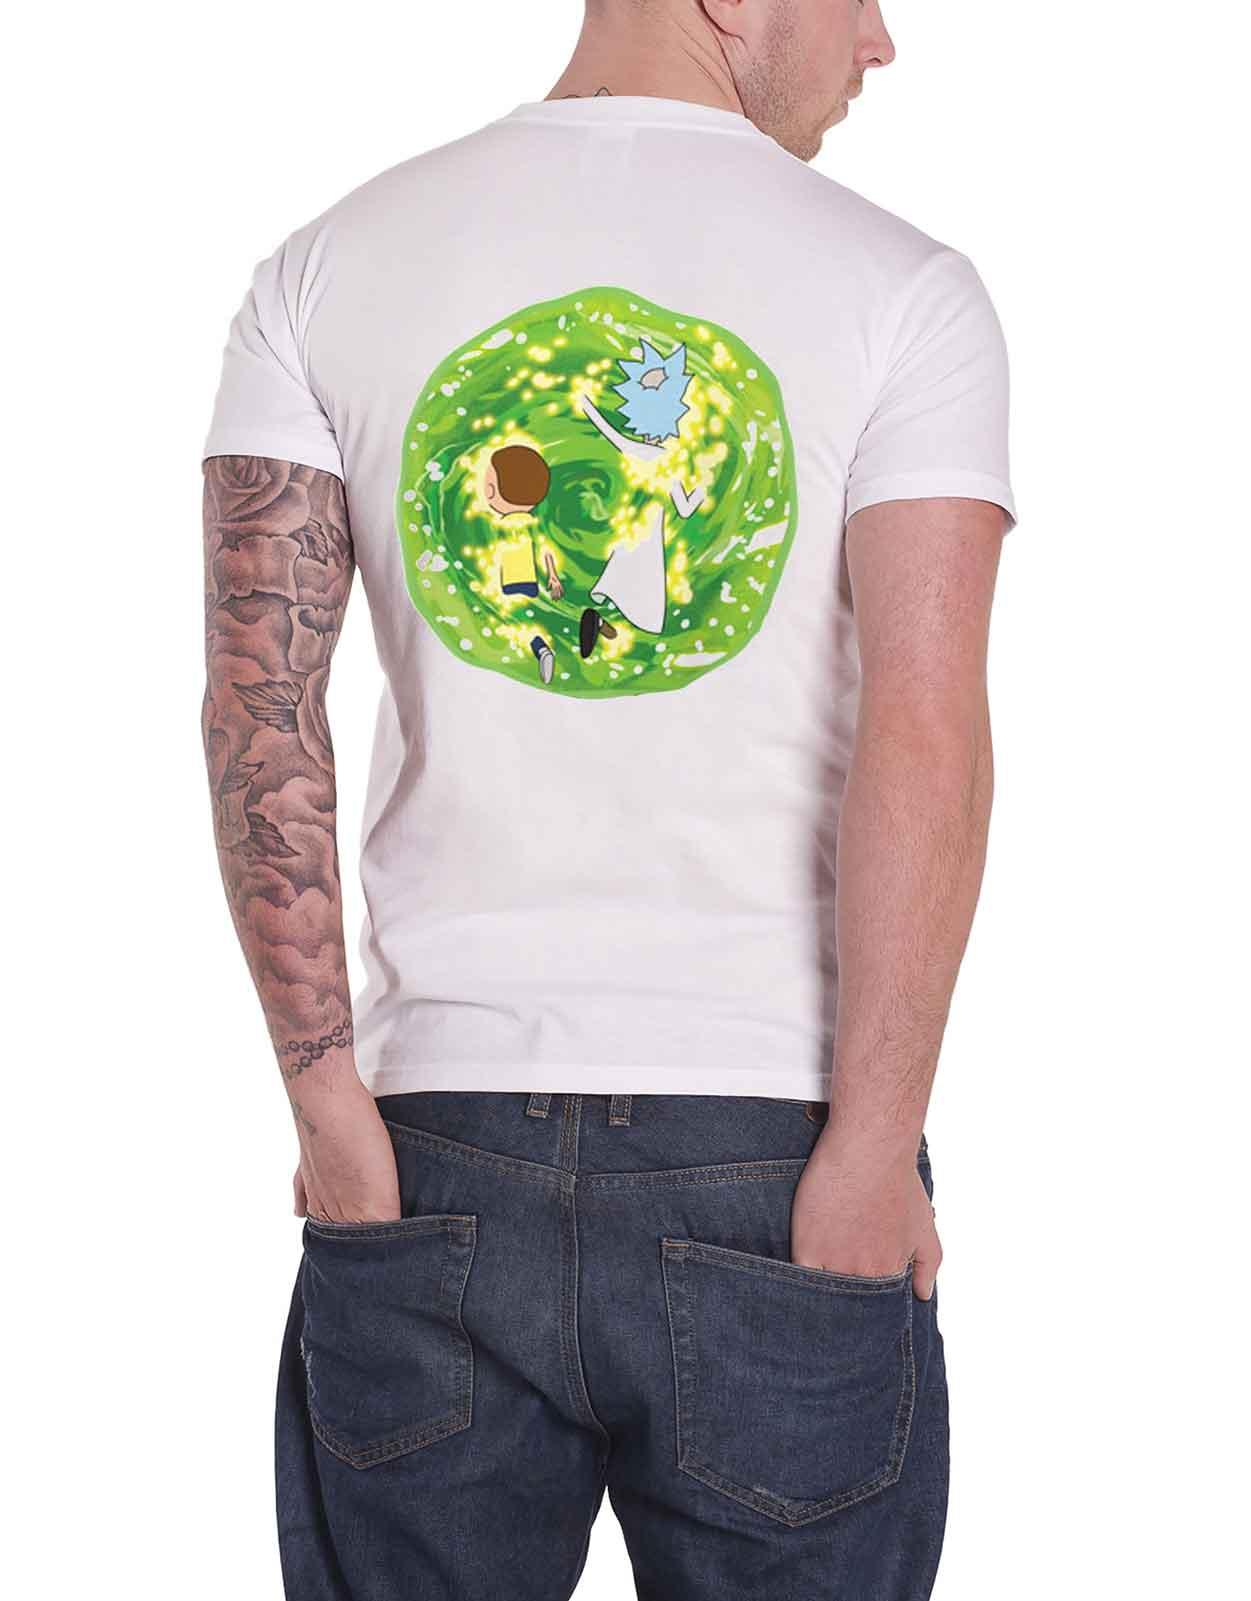 Rick-and-Morty-T-Shirt-Pickle-Rick-Portail-spirale-Wubba-Lubba-nouveau-officiel-Homme miniature 37